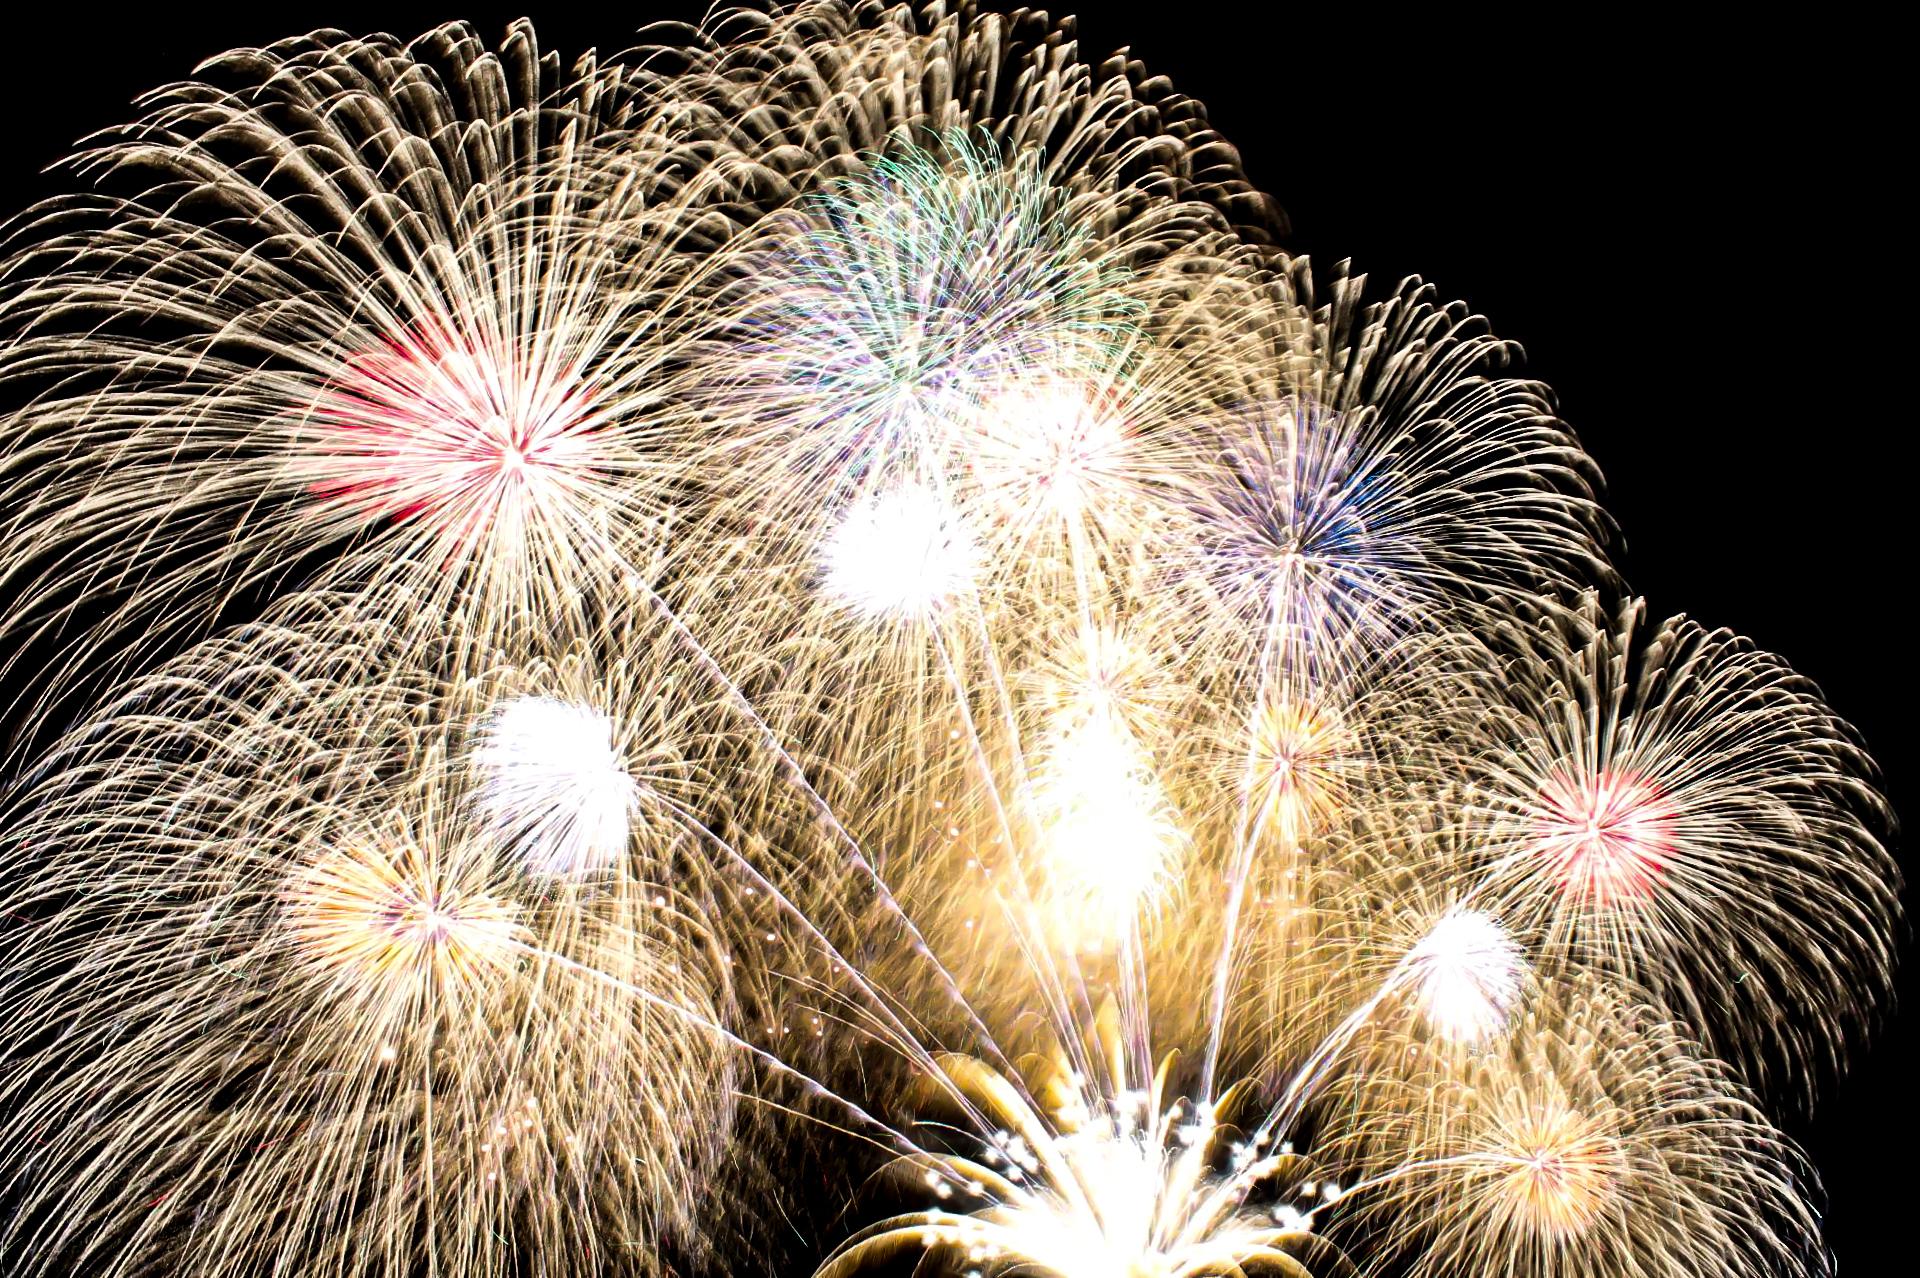 花火の画像・写真 フリー素材一覧|商用利用可能